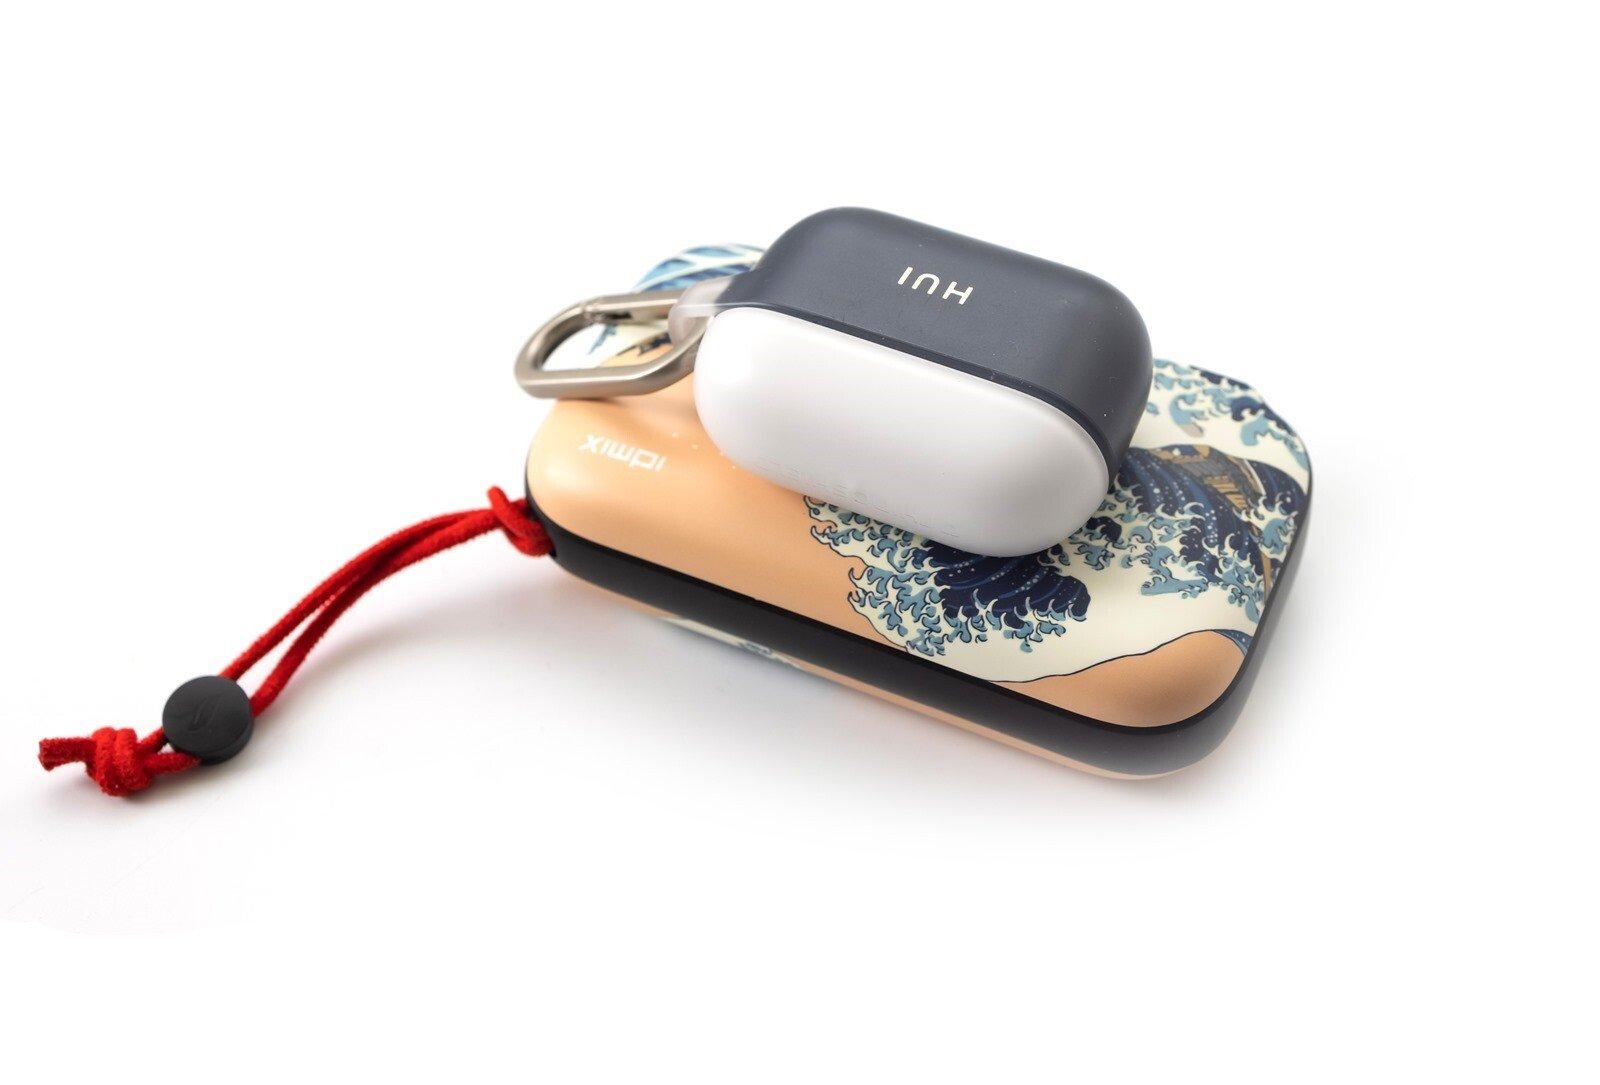 行動辦公最佳行動電源!IDMIX MR CHARGER 10000 CH06 Pro 行動電源 / QI 無線充電 / 充電器三合一 @3C 達人廖阿輝